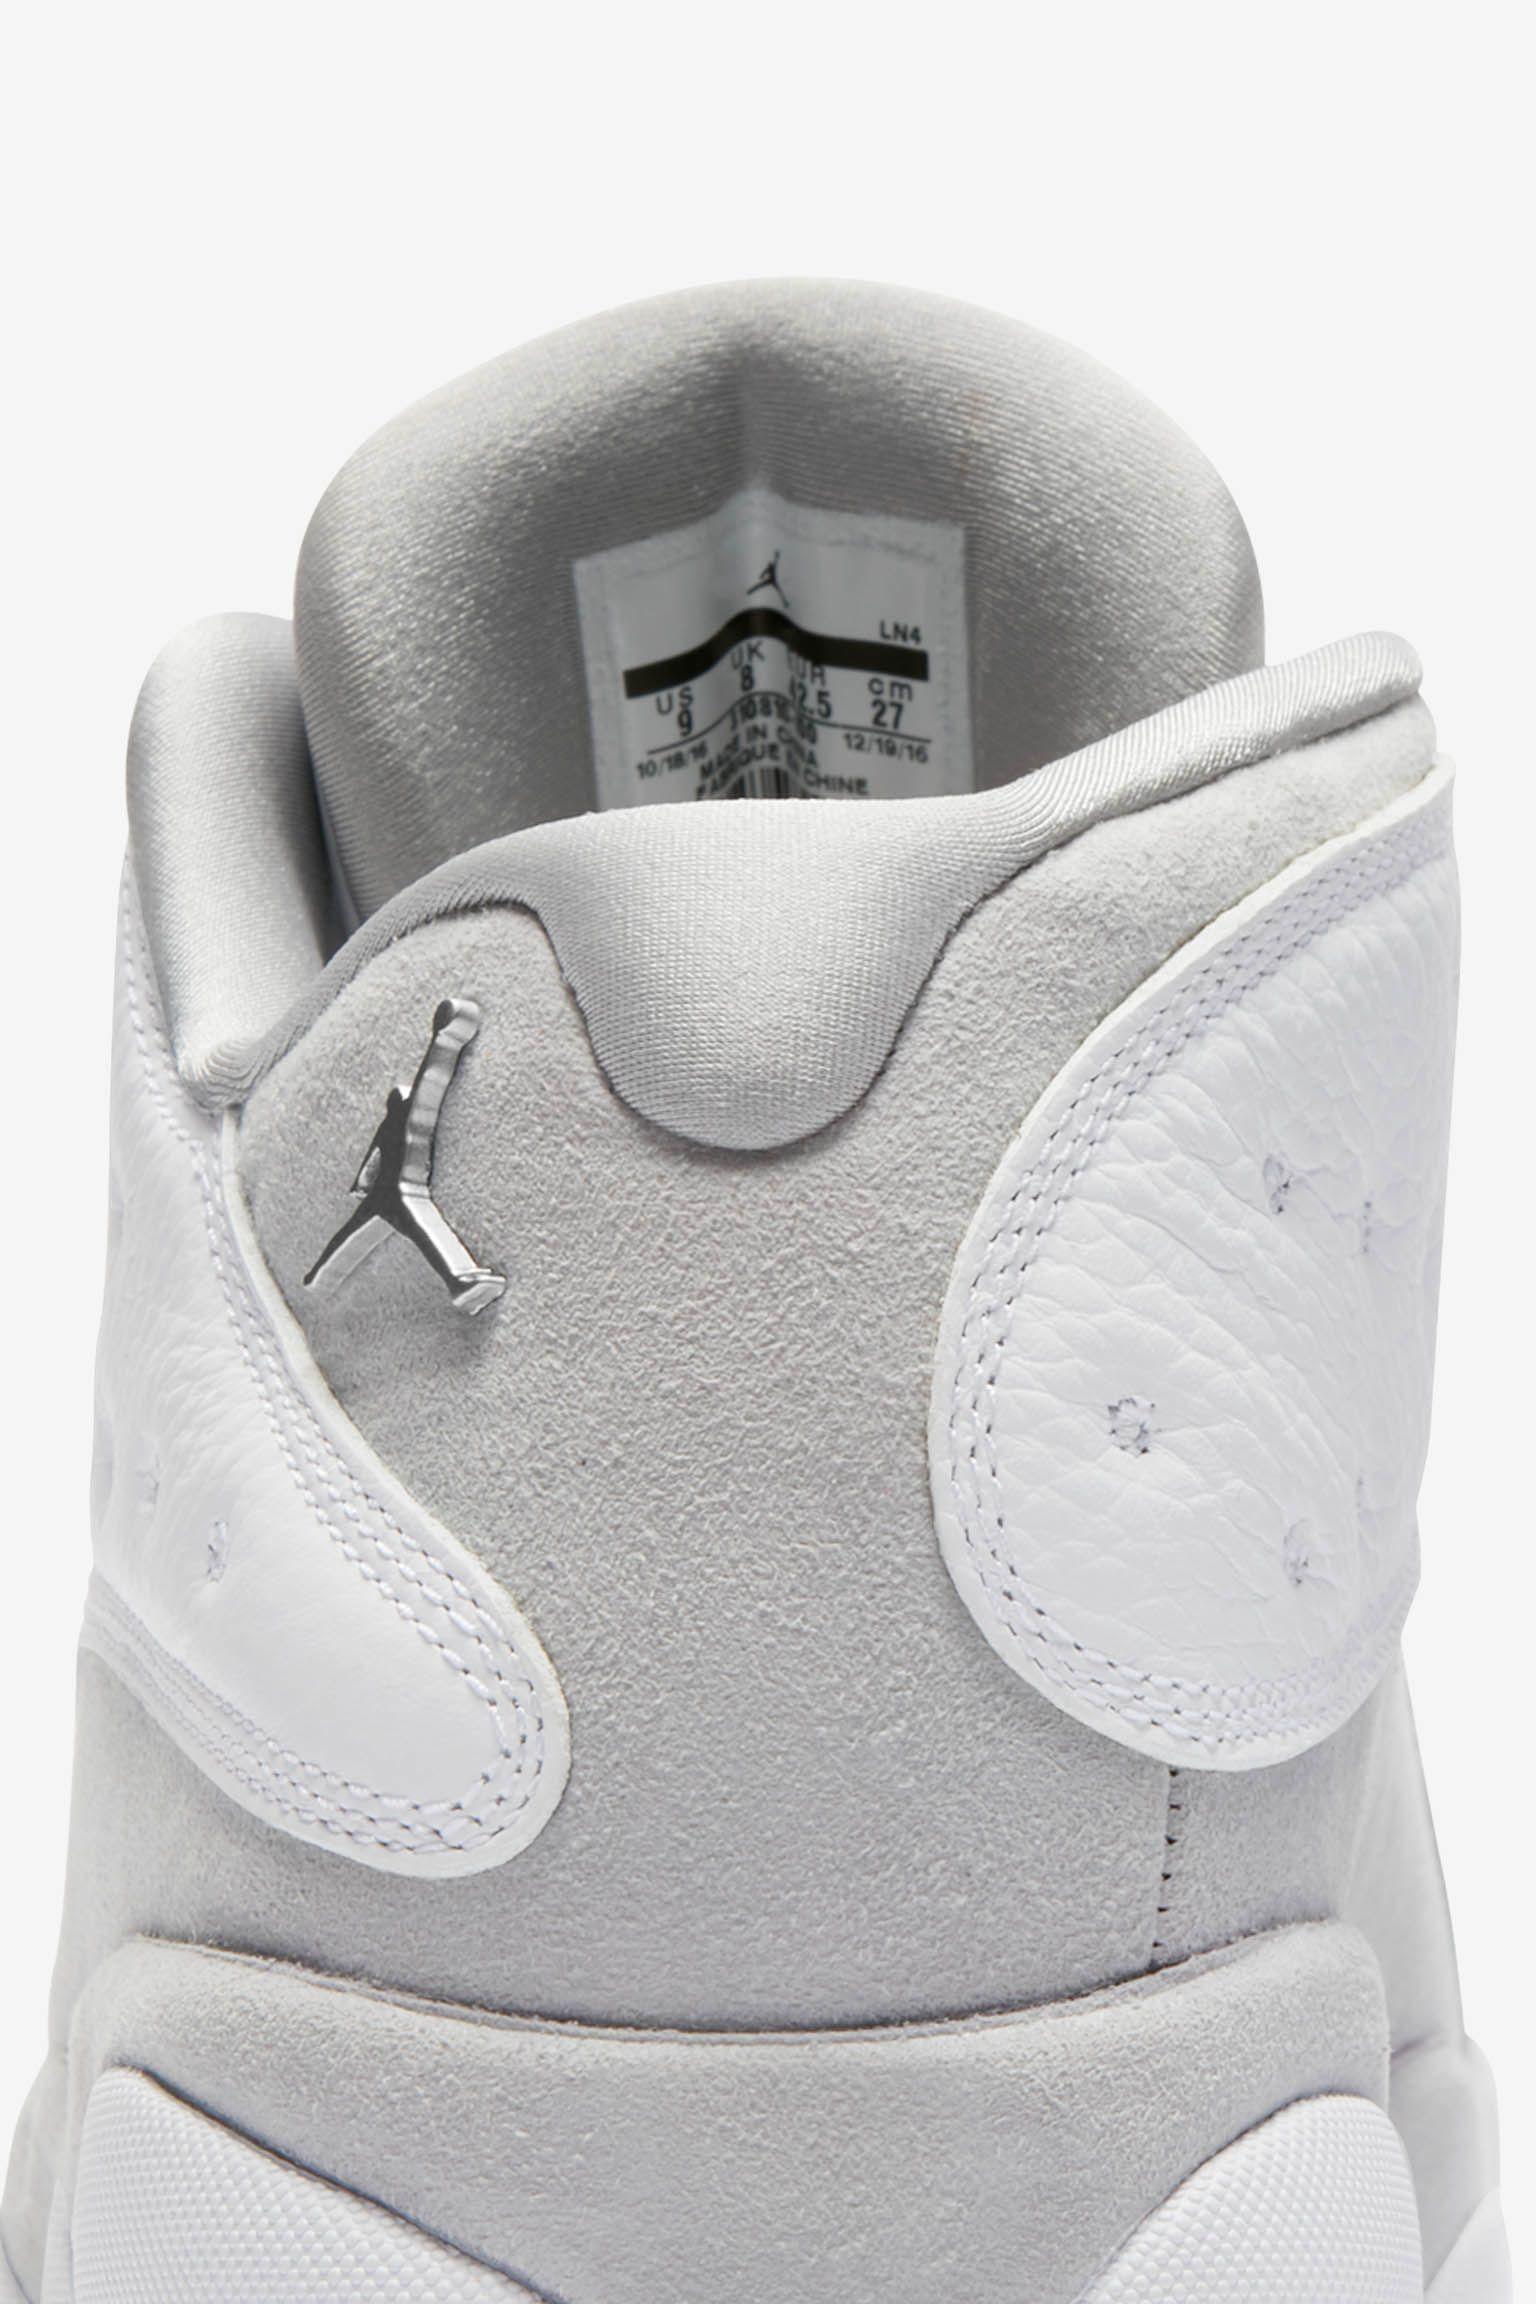 Air Jordan 13 Retro Low 'Pure Platinum & White' Release Date